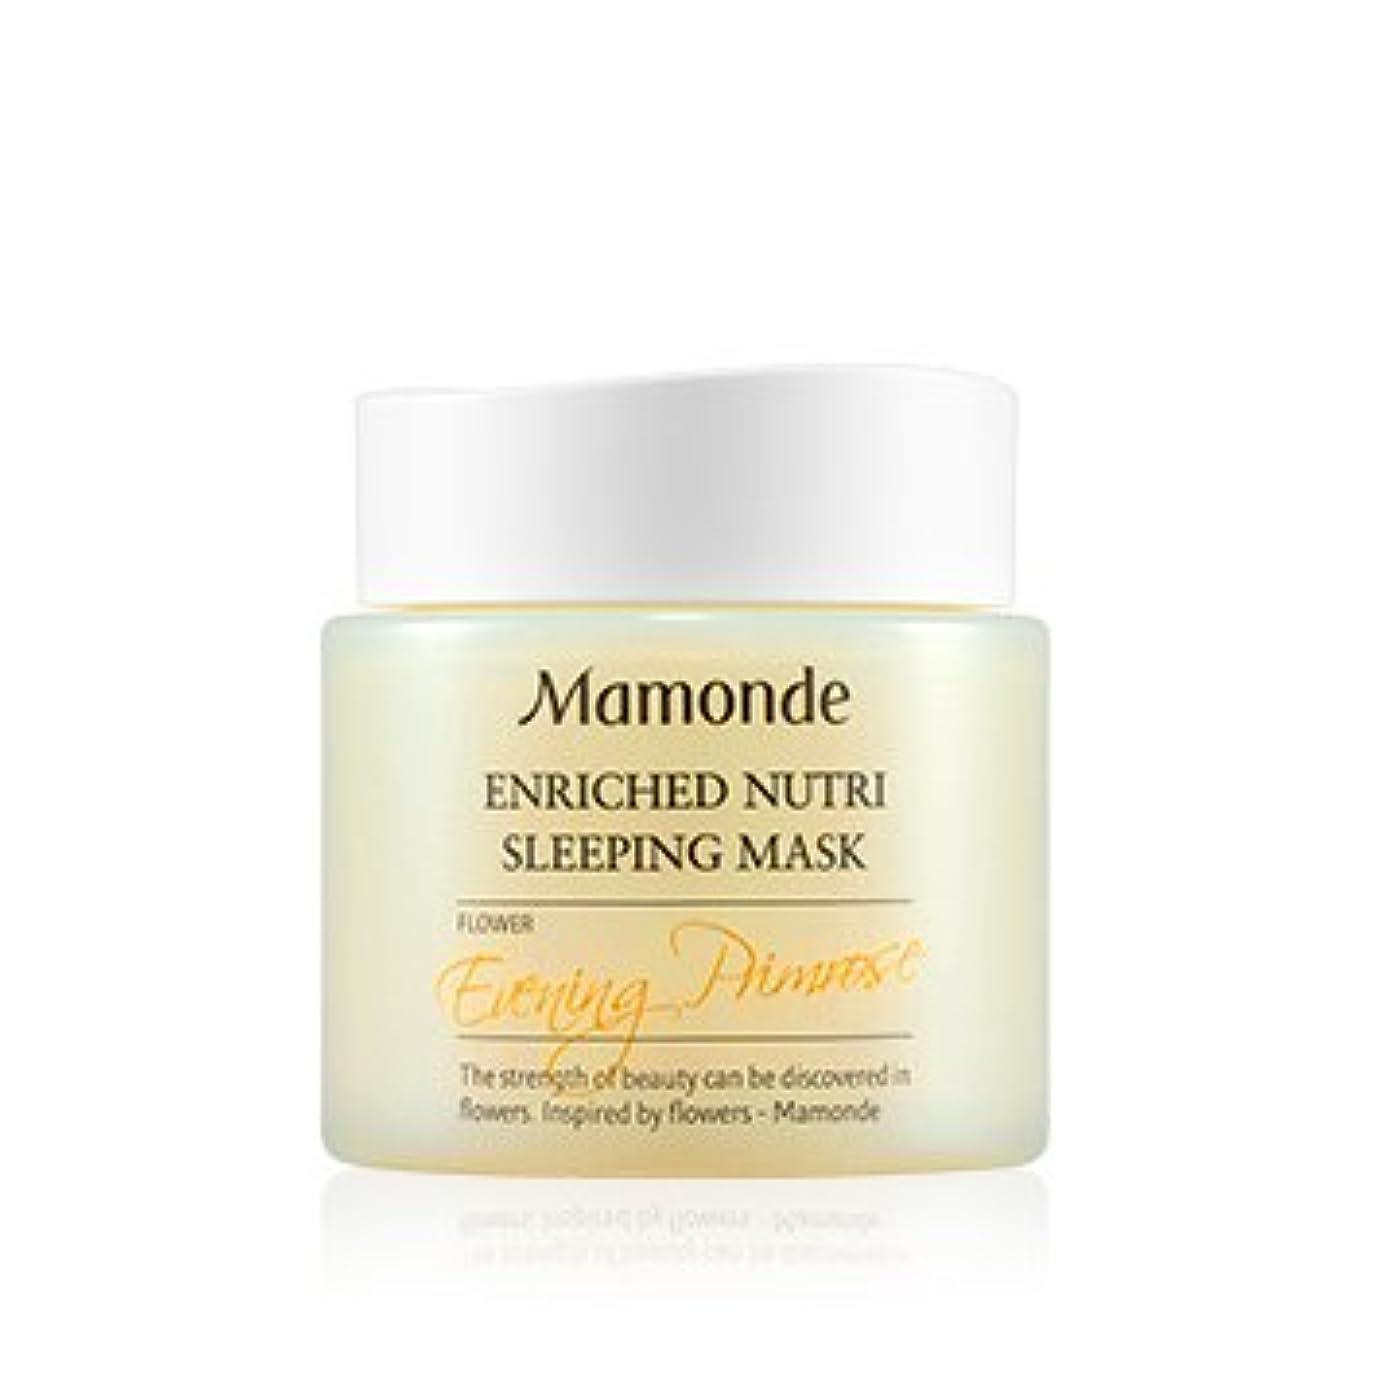 第三半島杭[New] Mamonde Enriched Nutri Sleeping Mask 100ml/マモンド エンリッチド ニュートリ スリーピング マスク 100ml [並行輸入品]